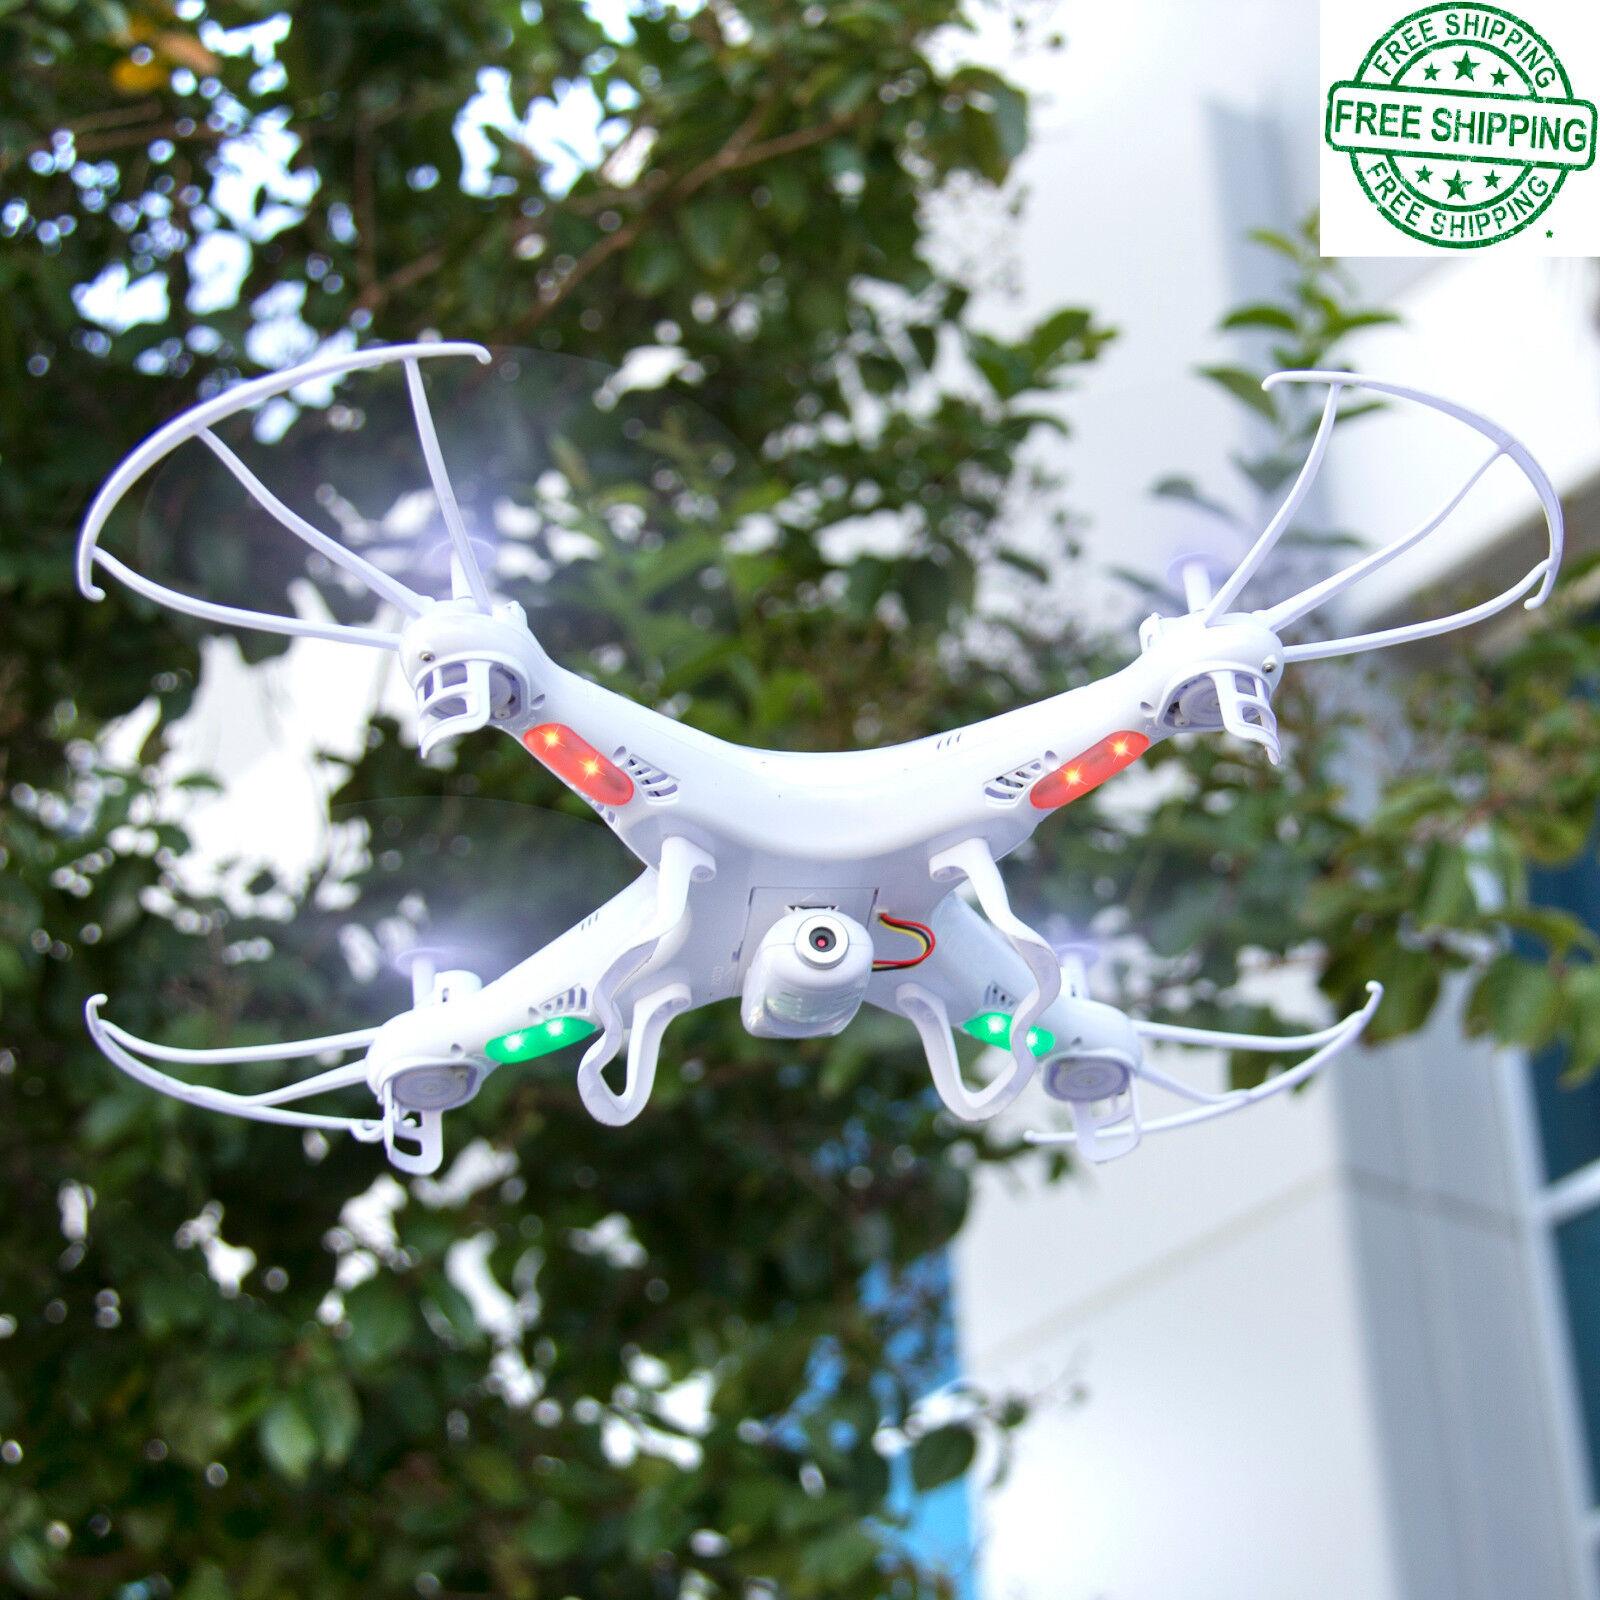 negozio fa acquisti e vendite Remote Helicopter, 6-Axis Quadcopter Flying Drone giocattolo giocattolo giocattolo With Gyro e HD telecamera  contatore genuino